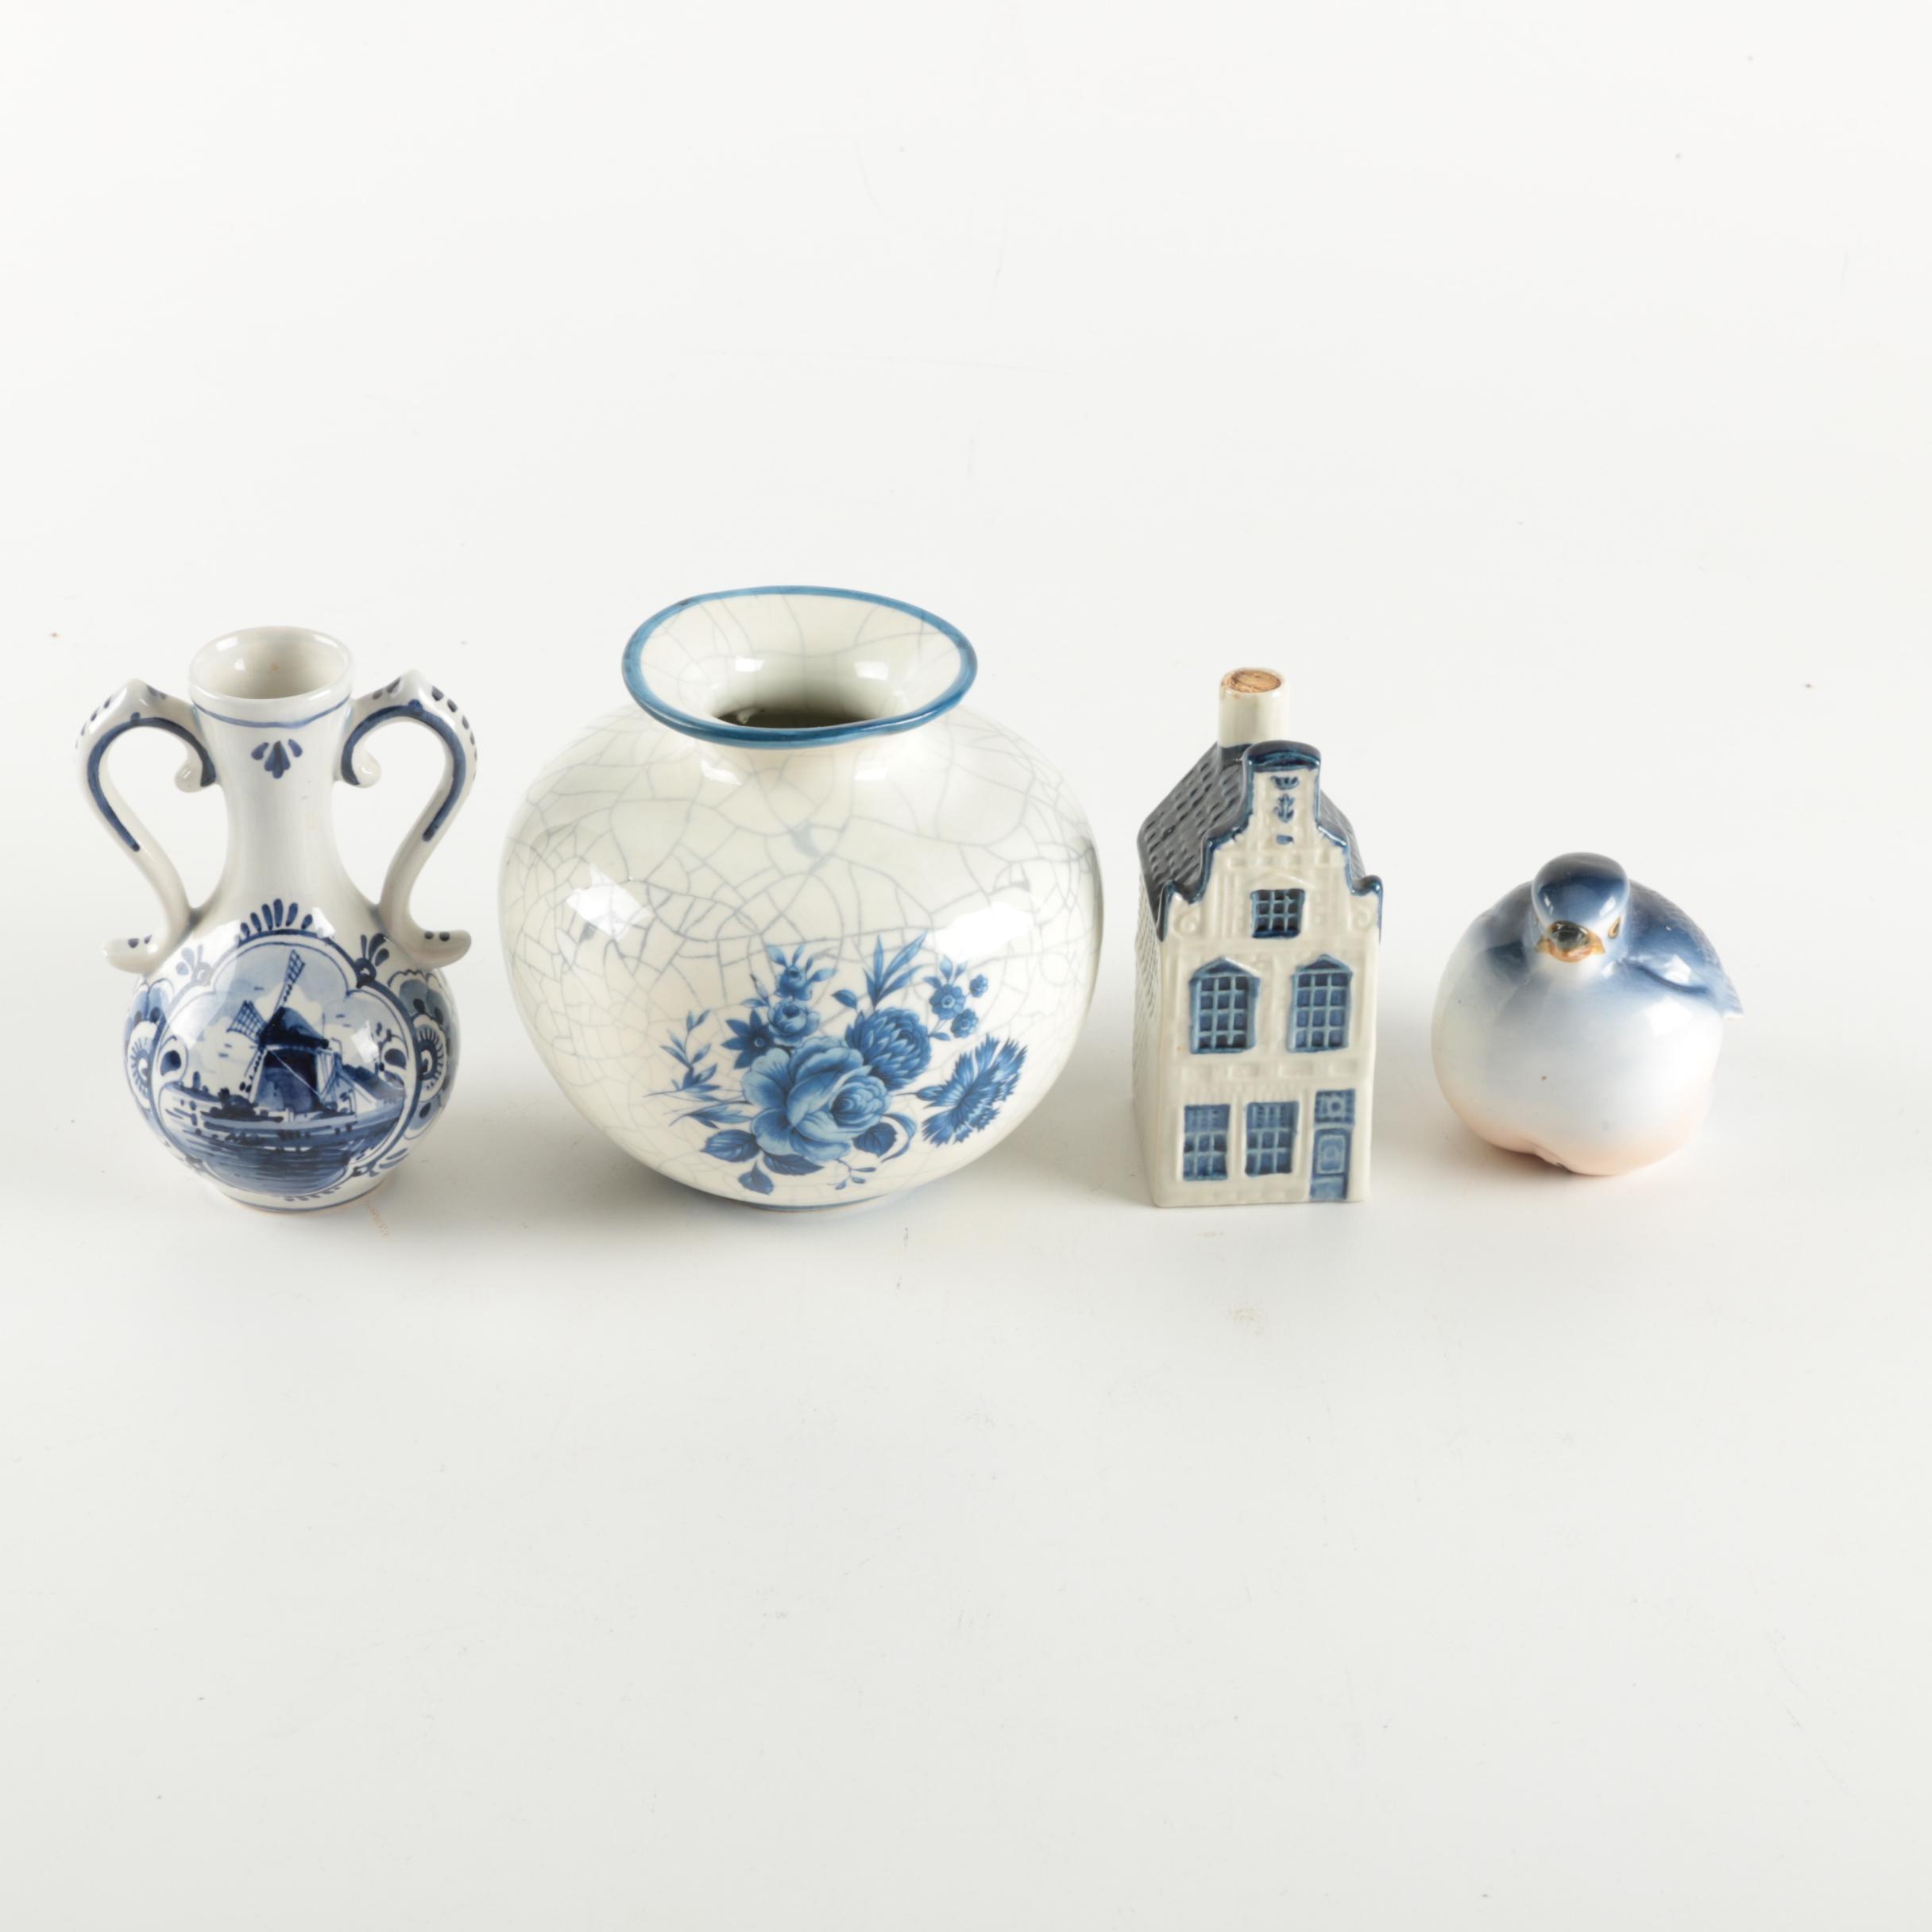 Blue and White Ceramic Decor Featuring Delft